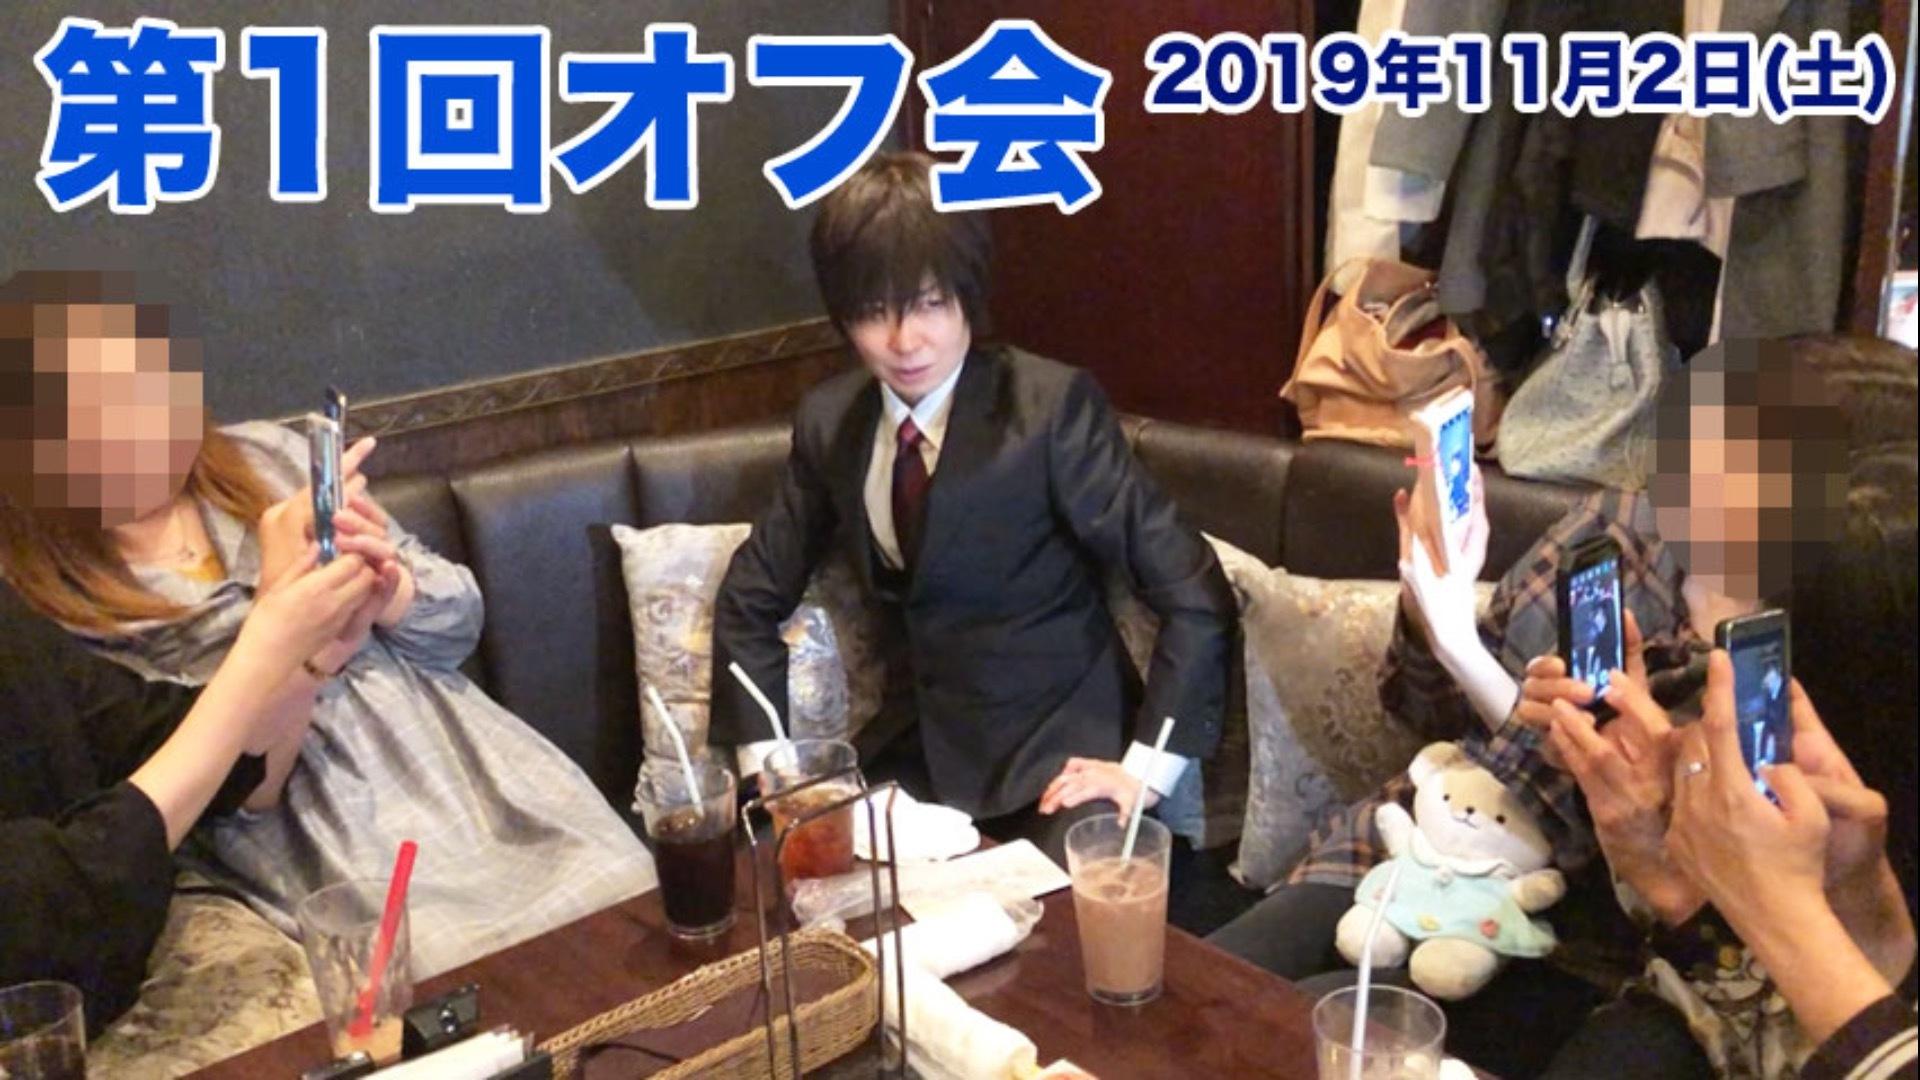 第1回オフ会(2019年11月2日)